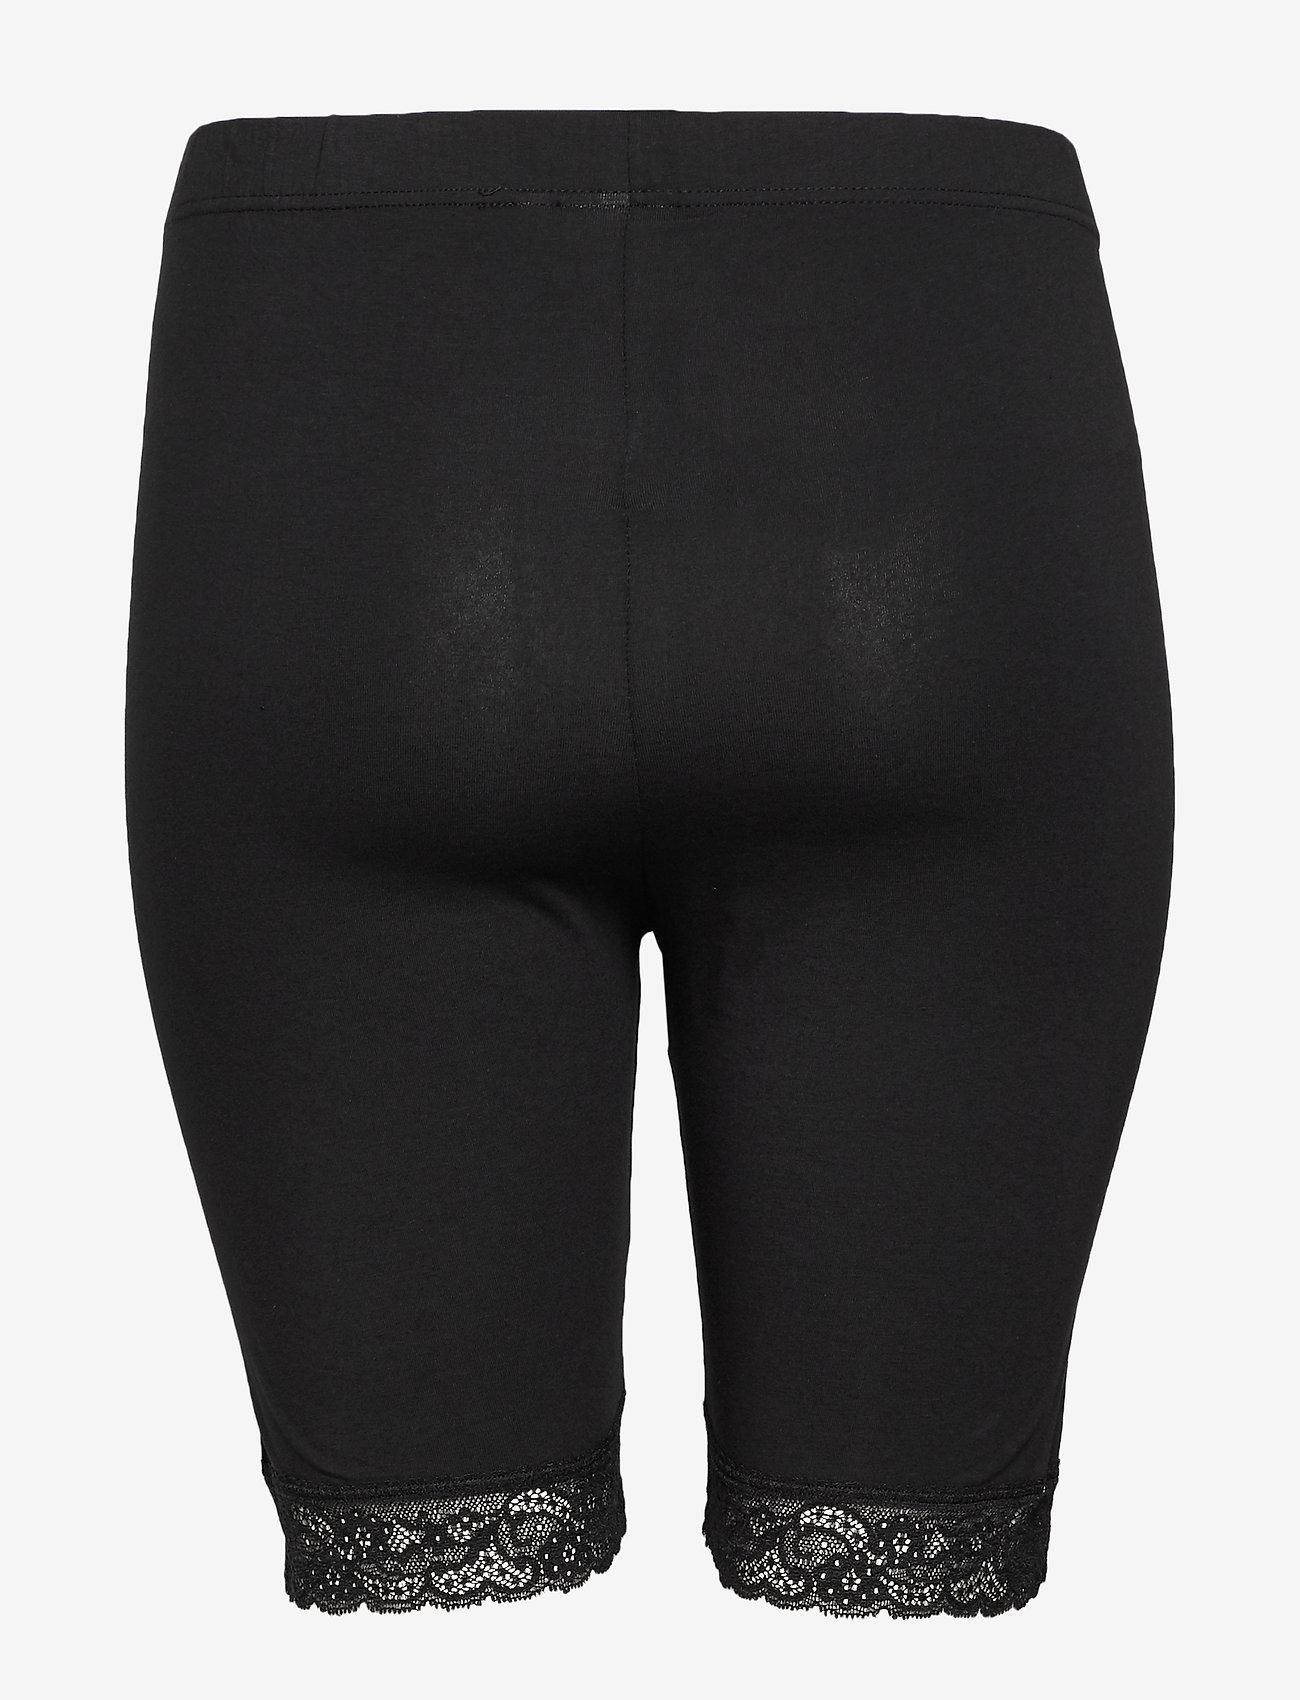 JunaRose - JRNEWLENNON CYCLE SHORTS - S NOOS - cycling shorts - black - 1